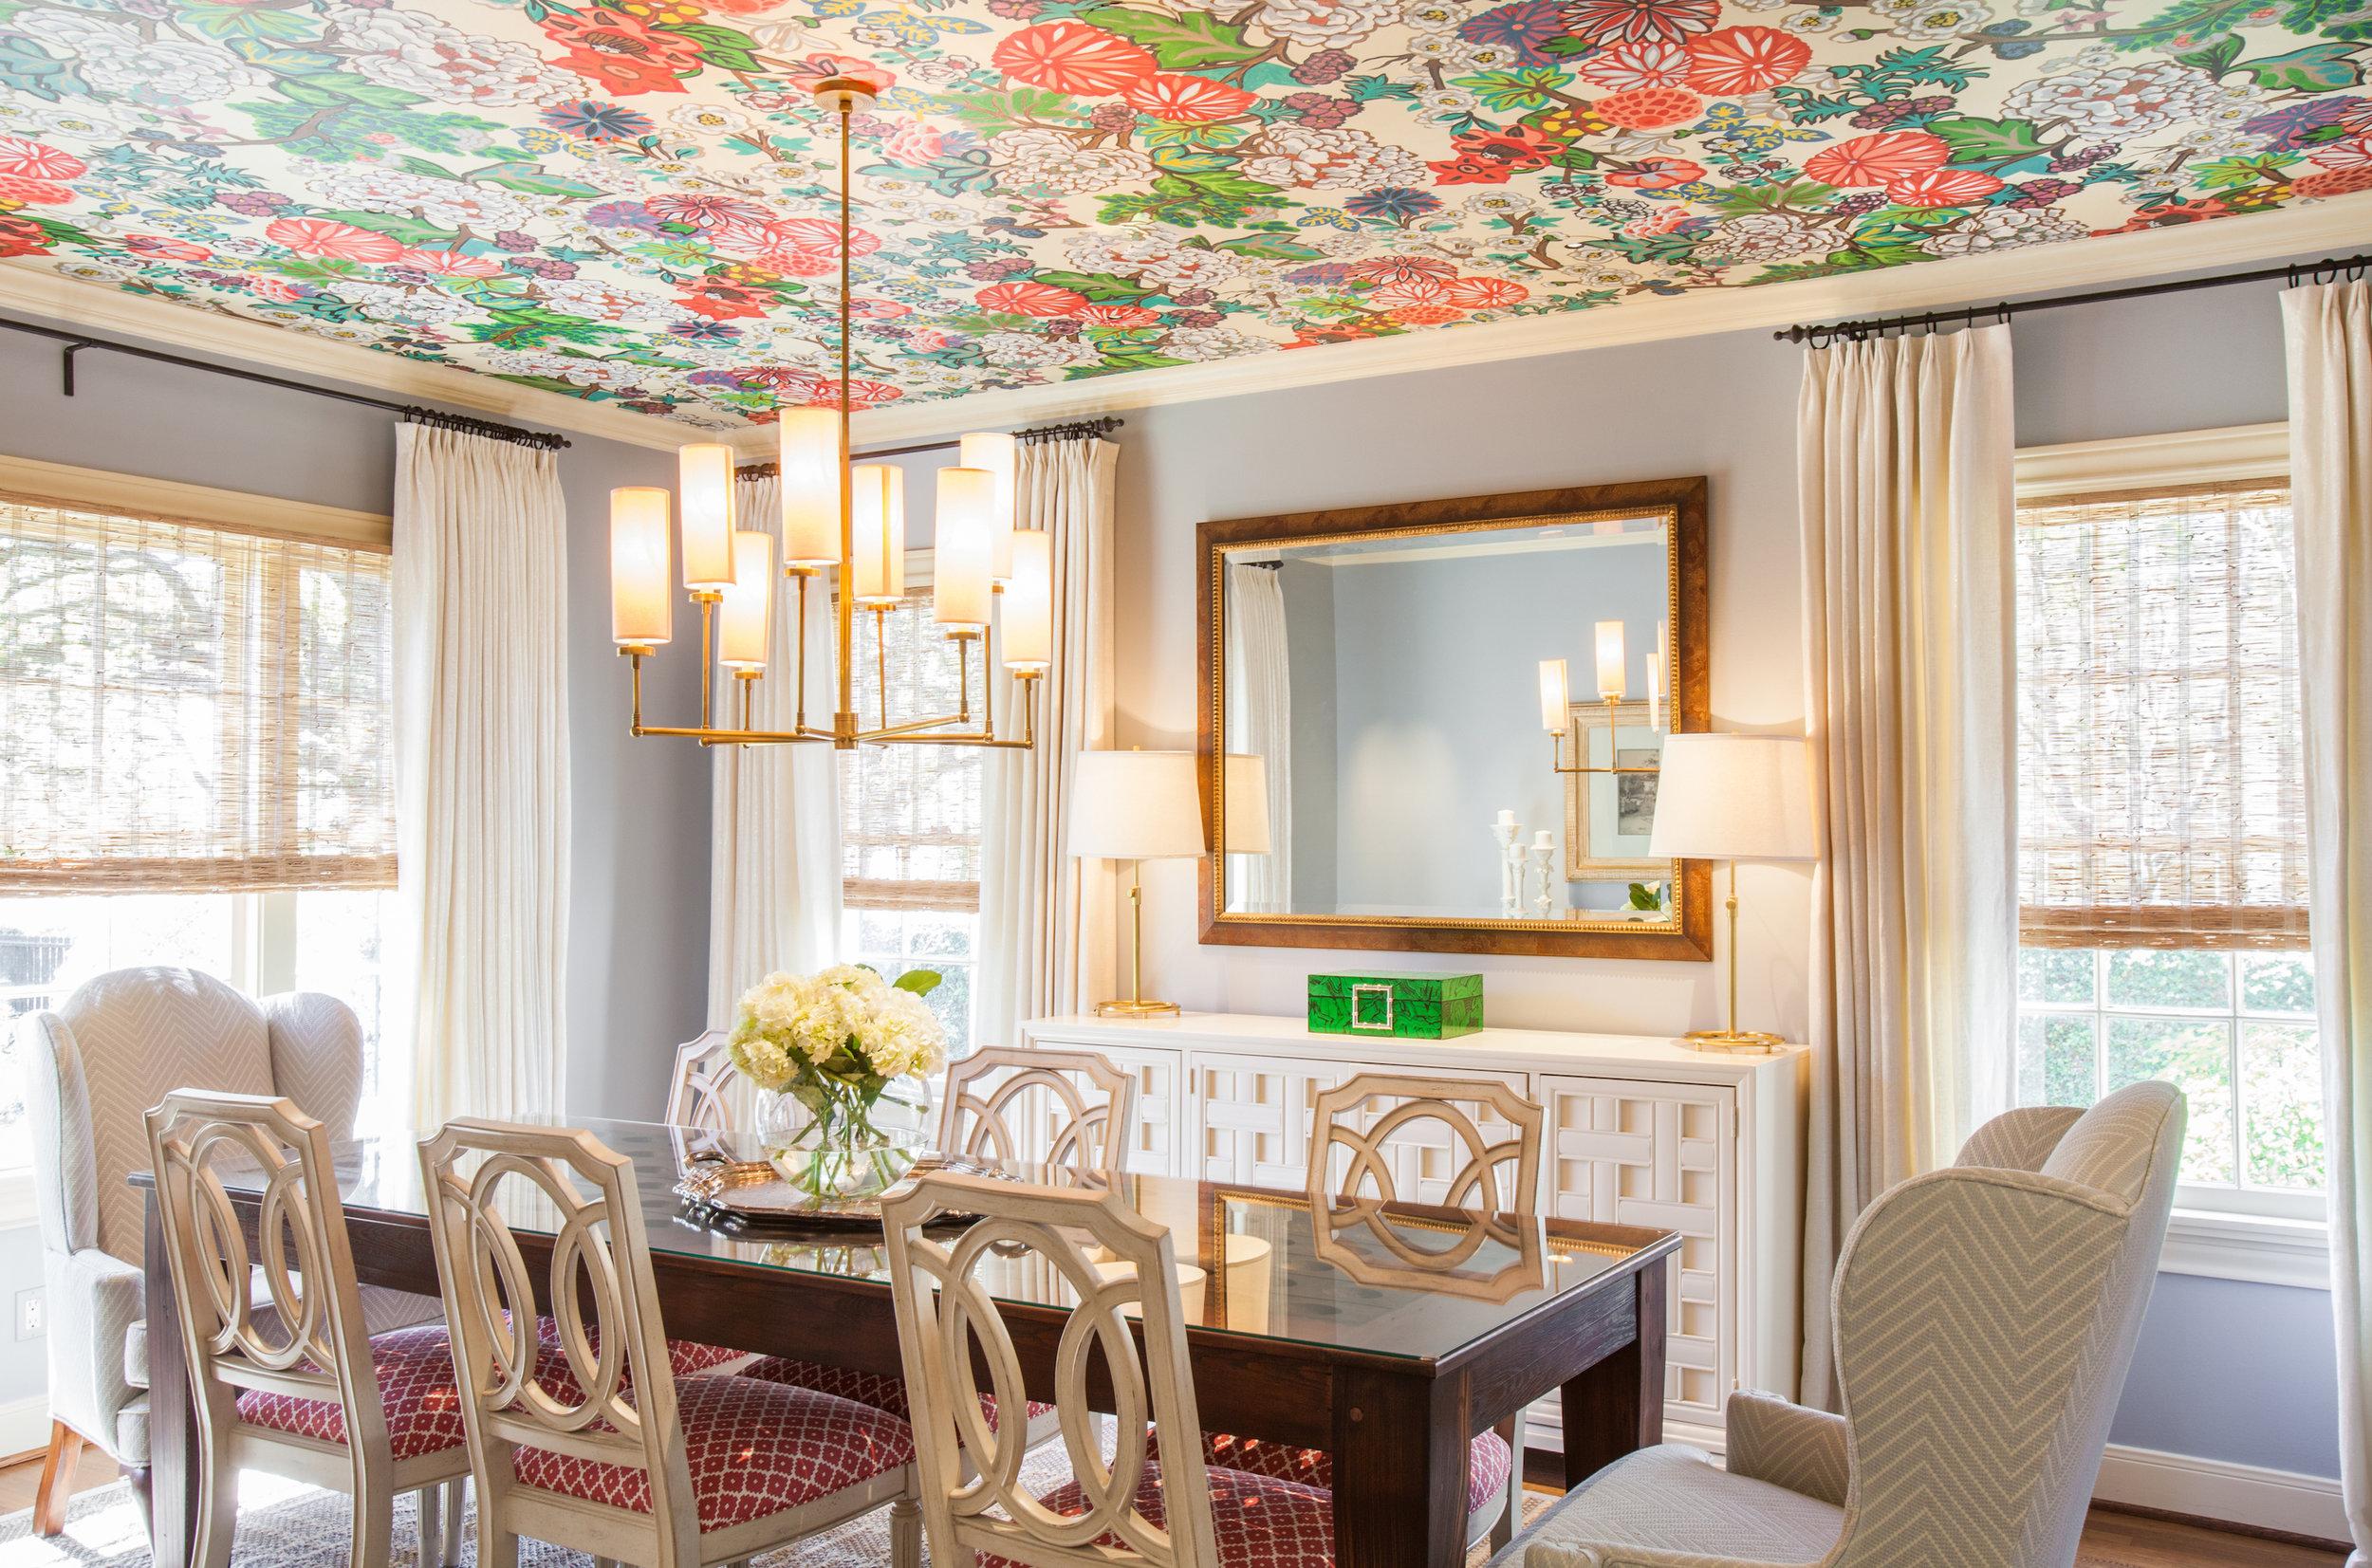 wallpaper-ceiling-09516.jpg